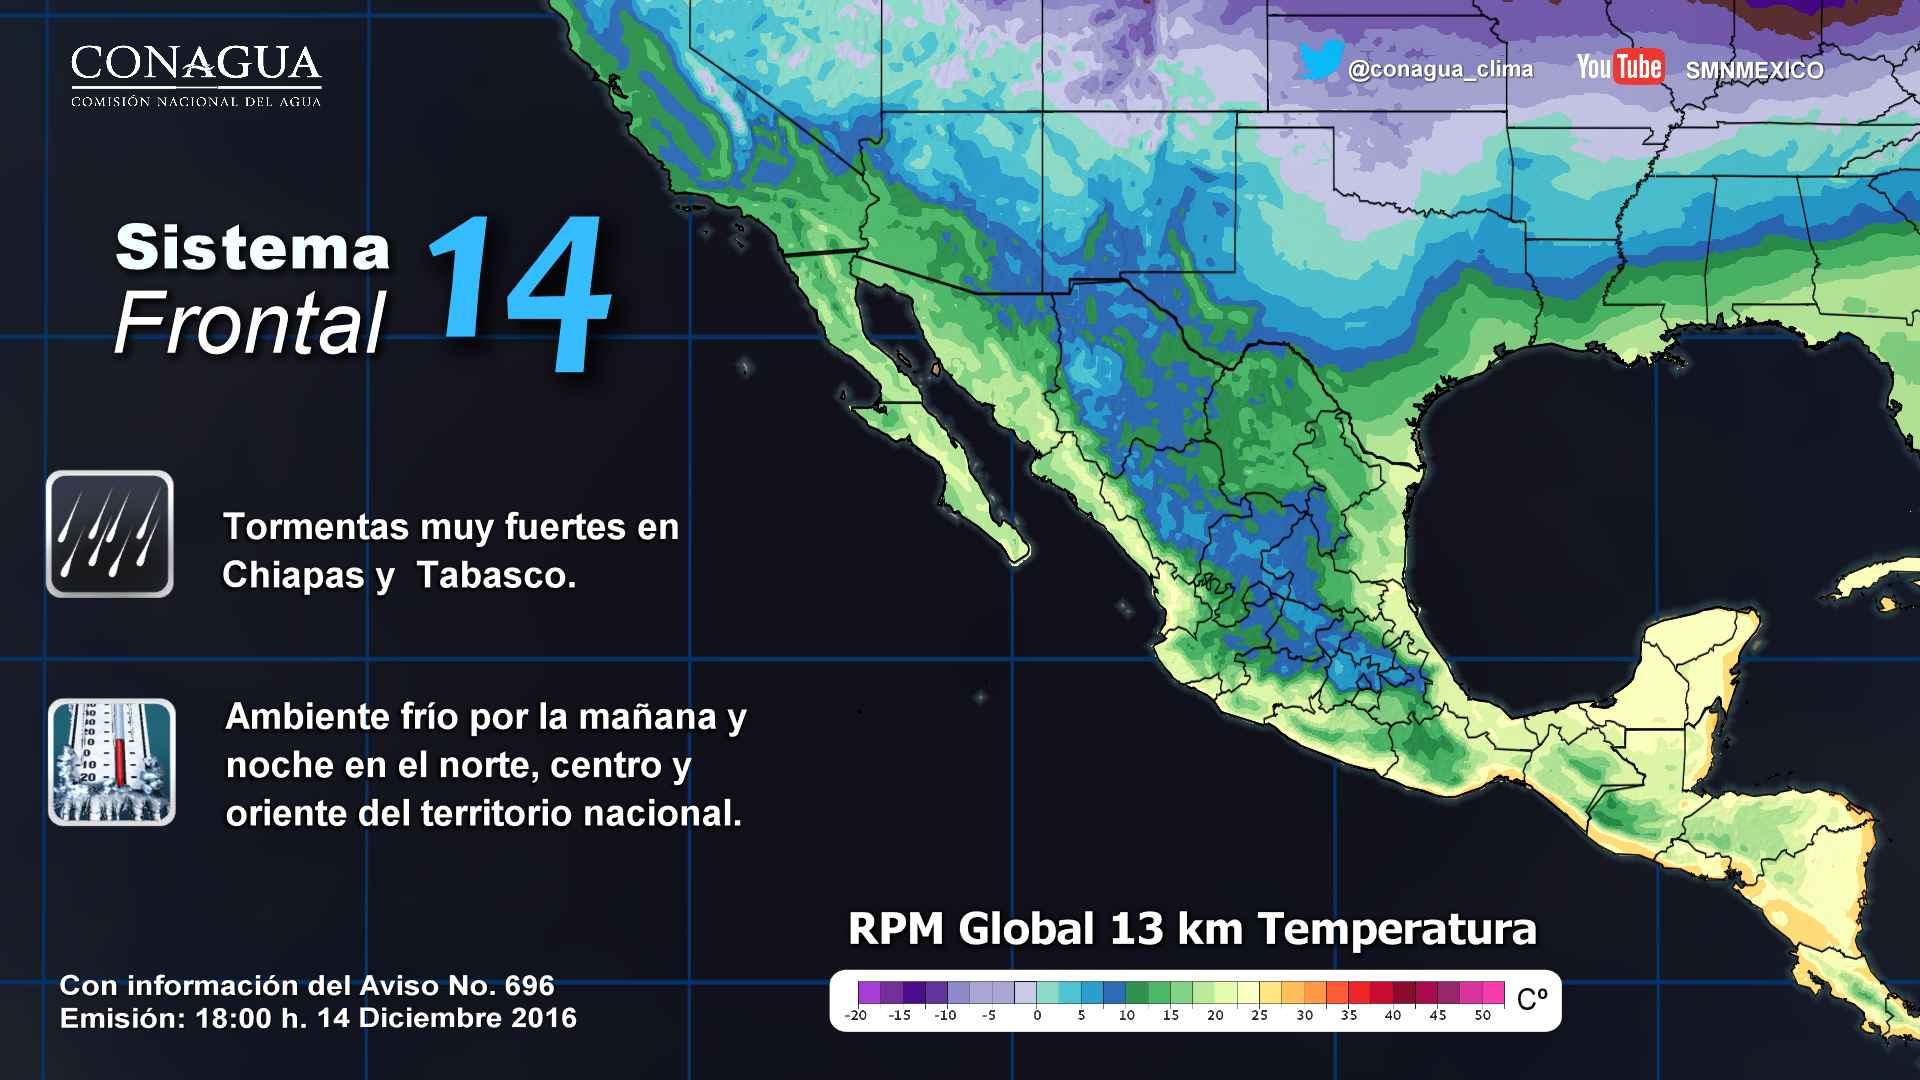 Pron stico del tiempo 14 de diciembre 2016 radio turquesa for Pronostico del tiempo accuweather